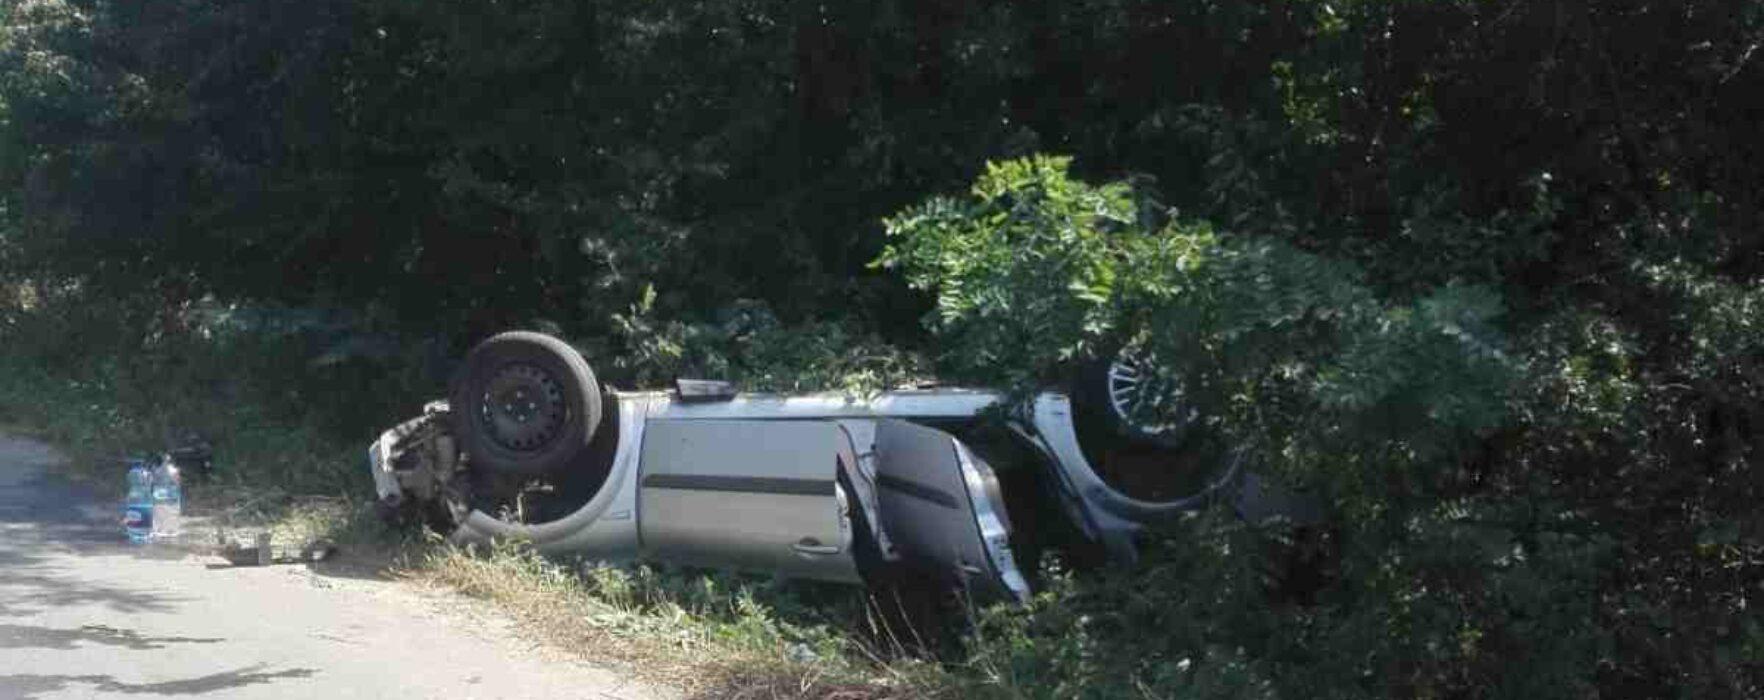 Dâmboviţa: Maşină răsturnată în şanţ la Bolovani din cauza neatenţiei şoferului; un copil de 8 ani este în comă